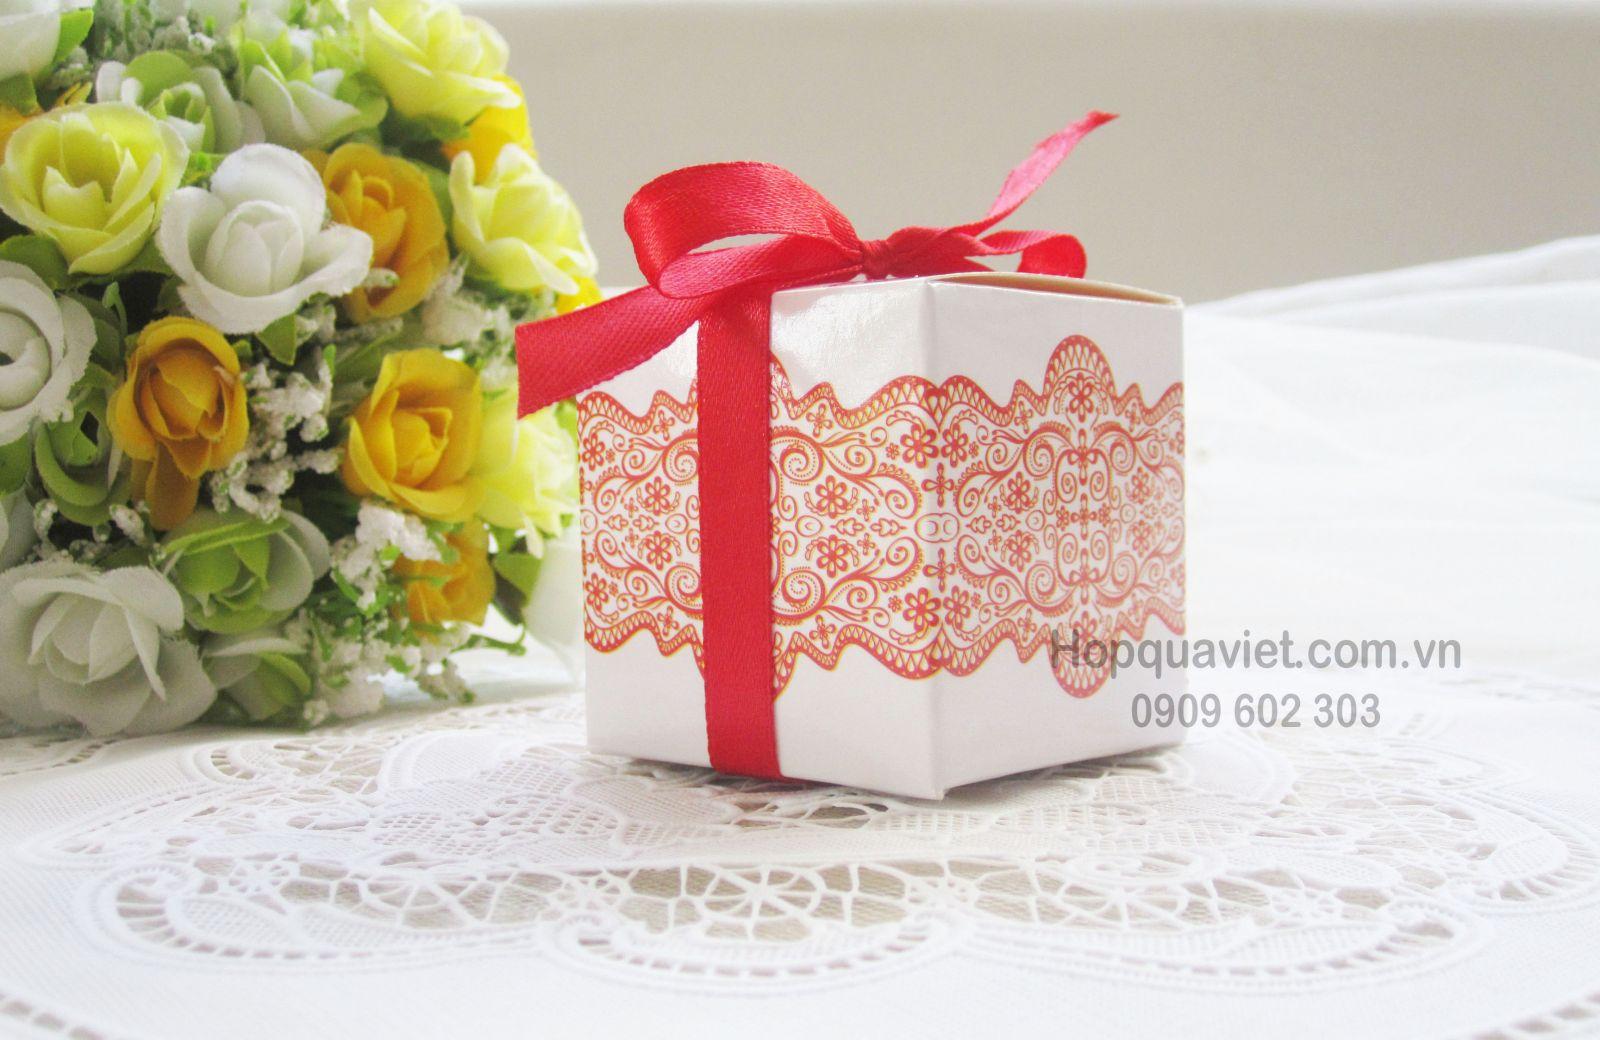 Hộp quà cưới vuông ren đỏ 1D (chỉ còn 150 hộp)